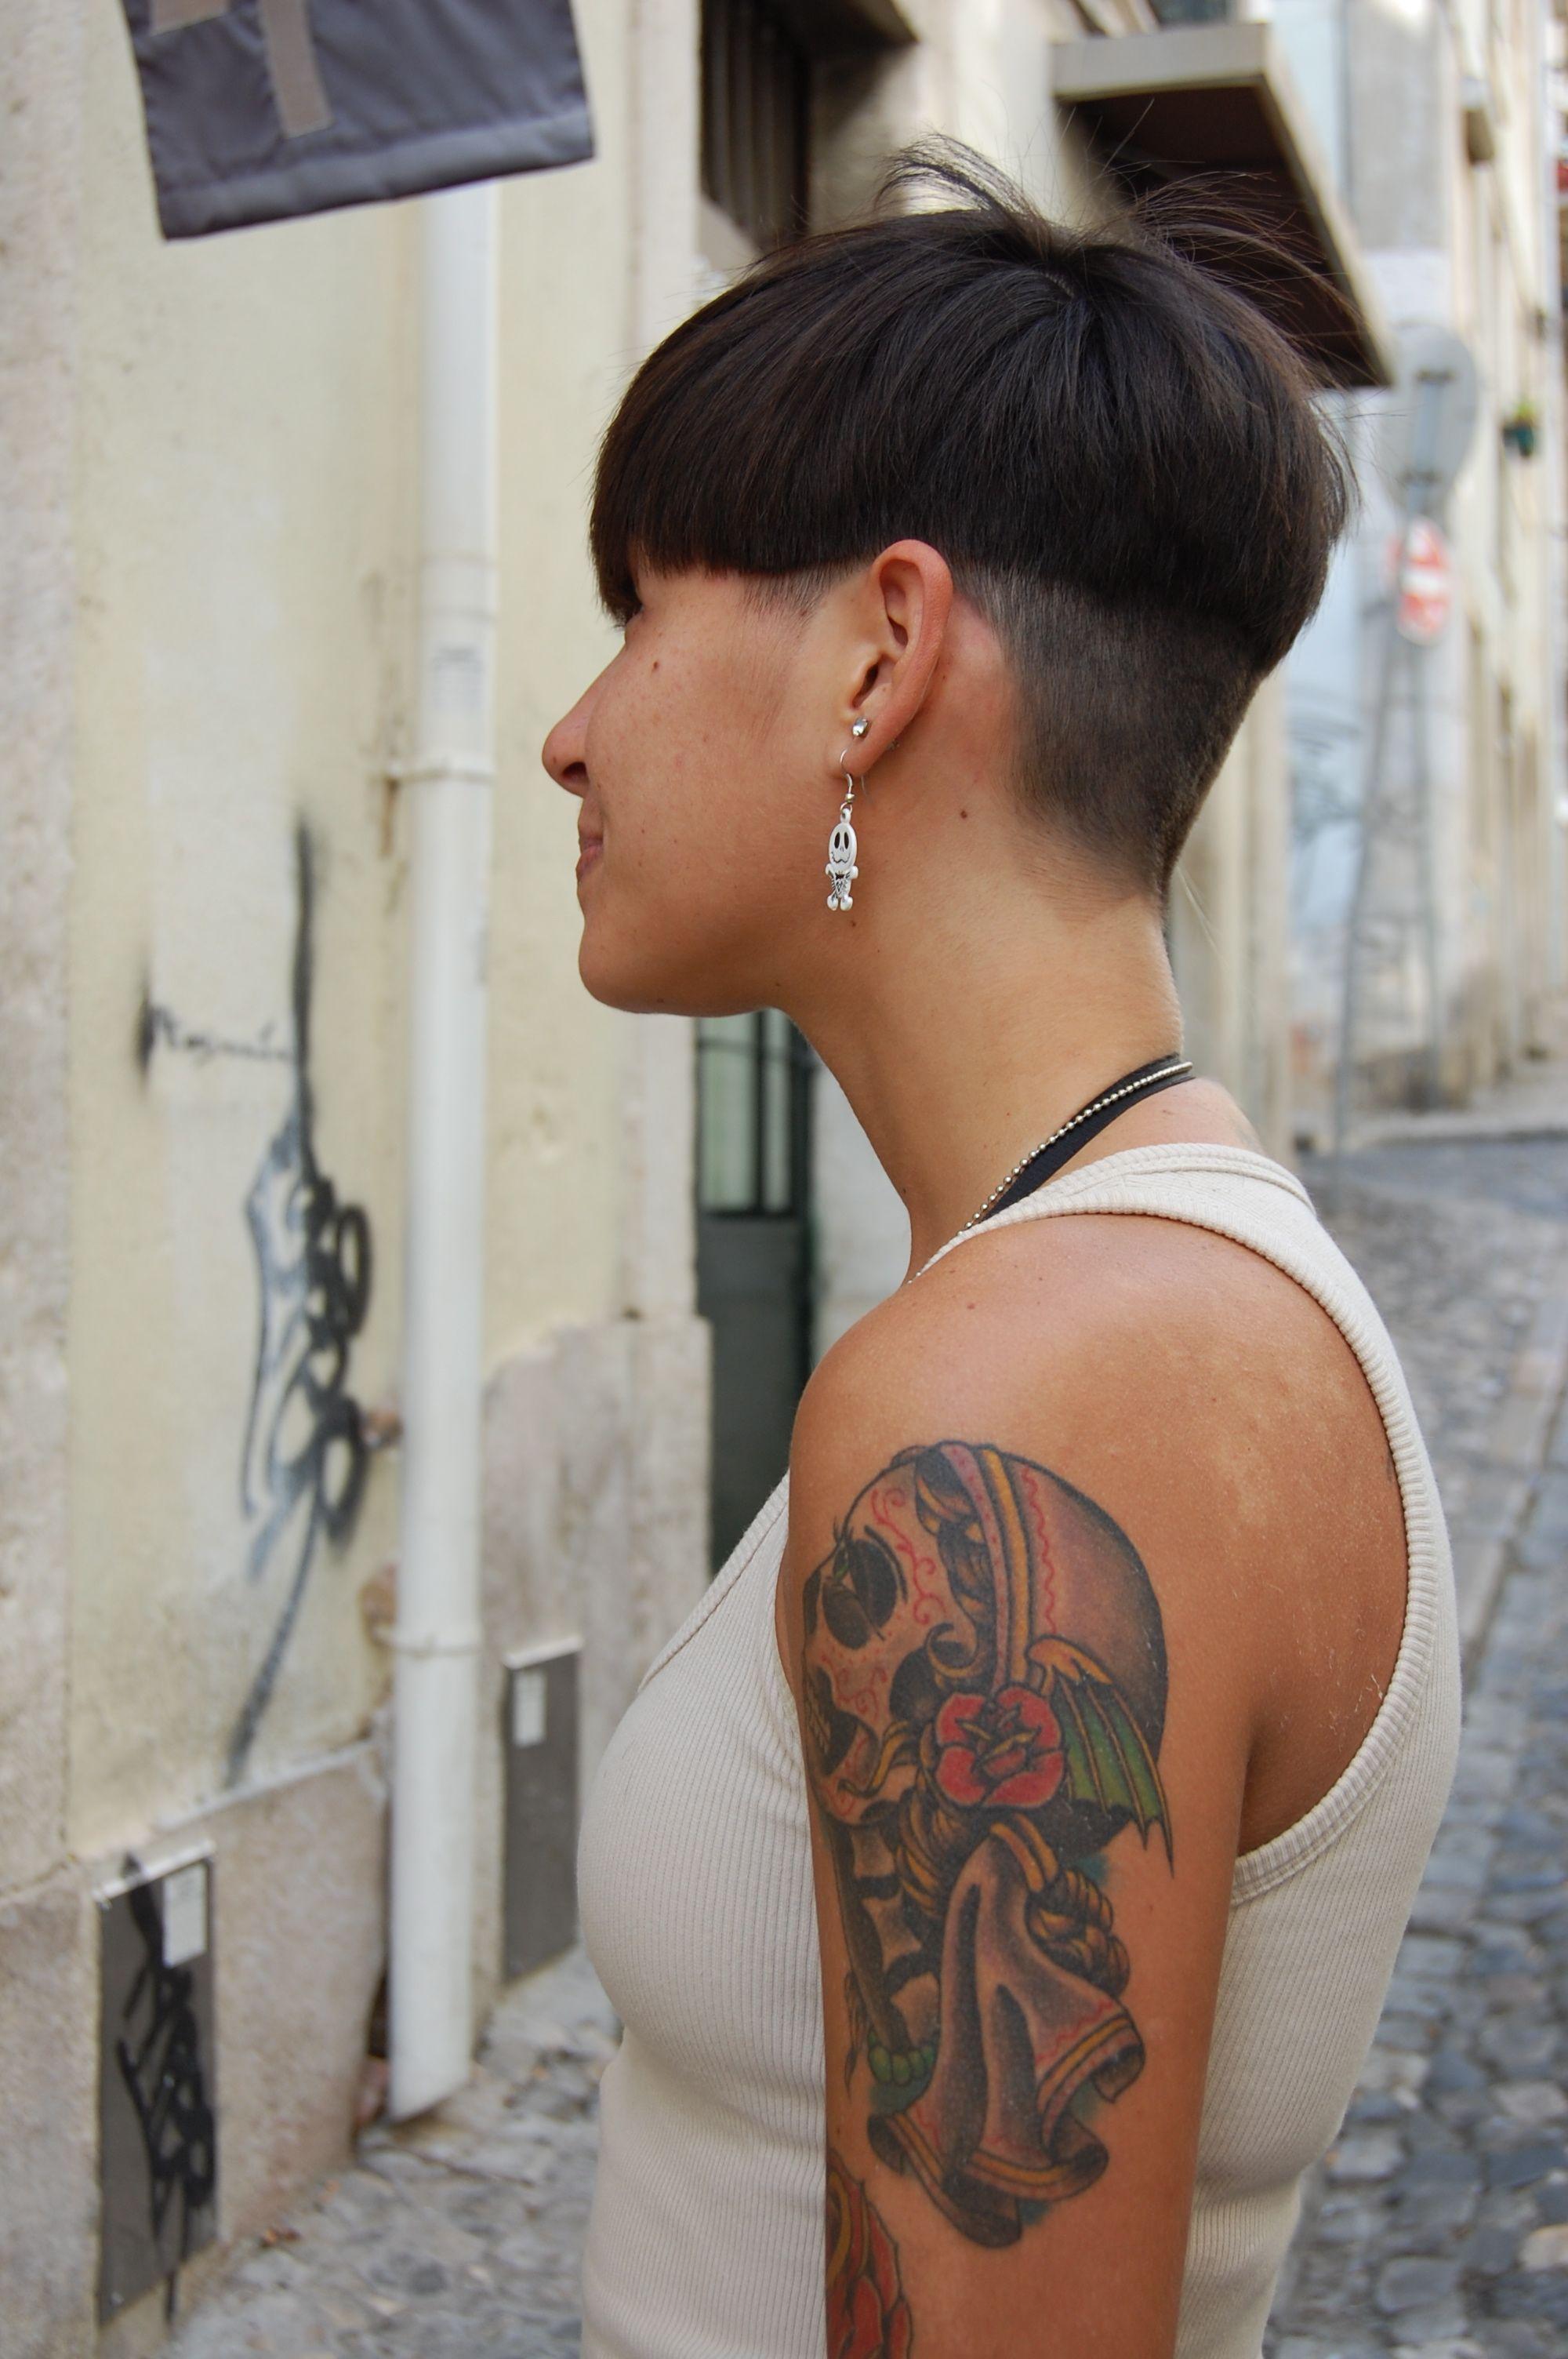 Women Short Sides Long Top Haircut Fade